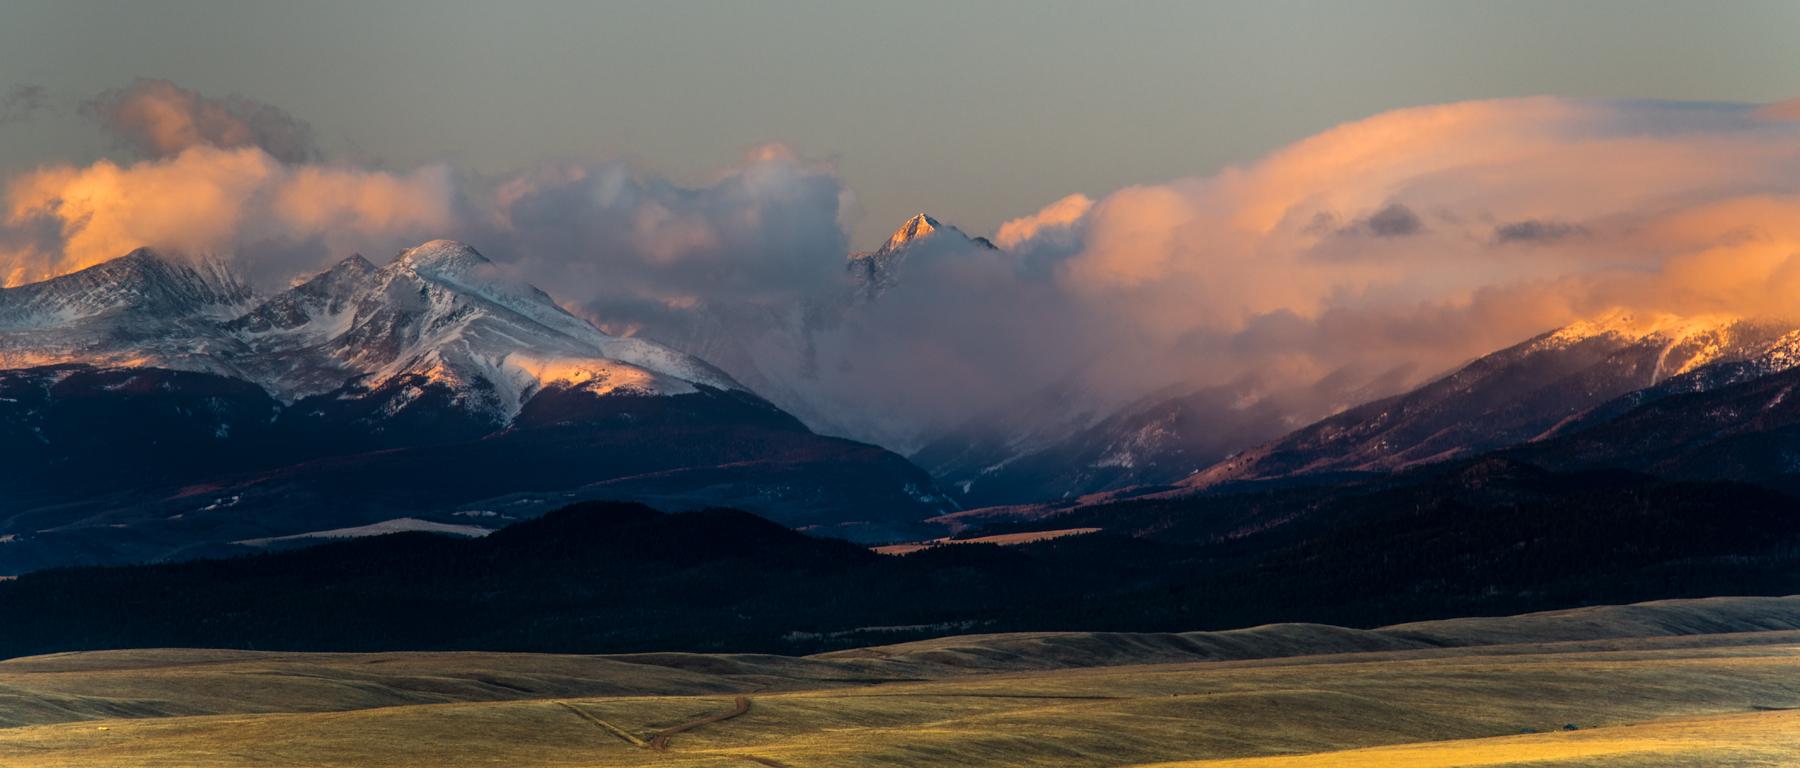 Blanca Sunrise April 14 I Pano ssm.jpg